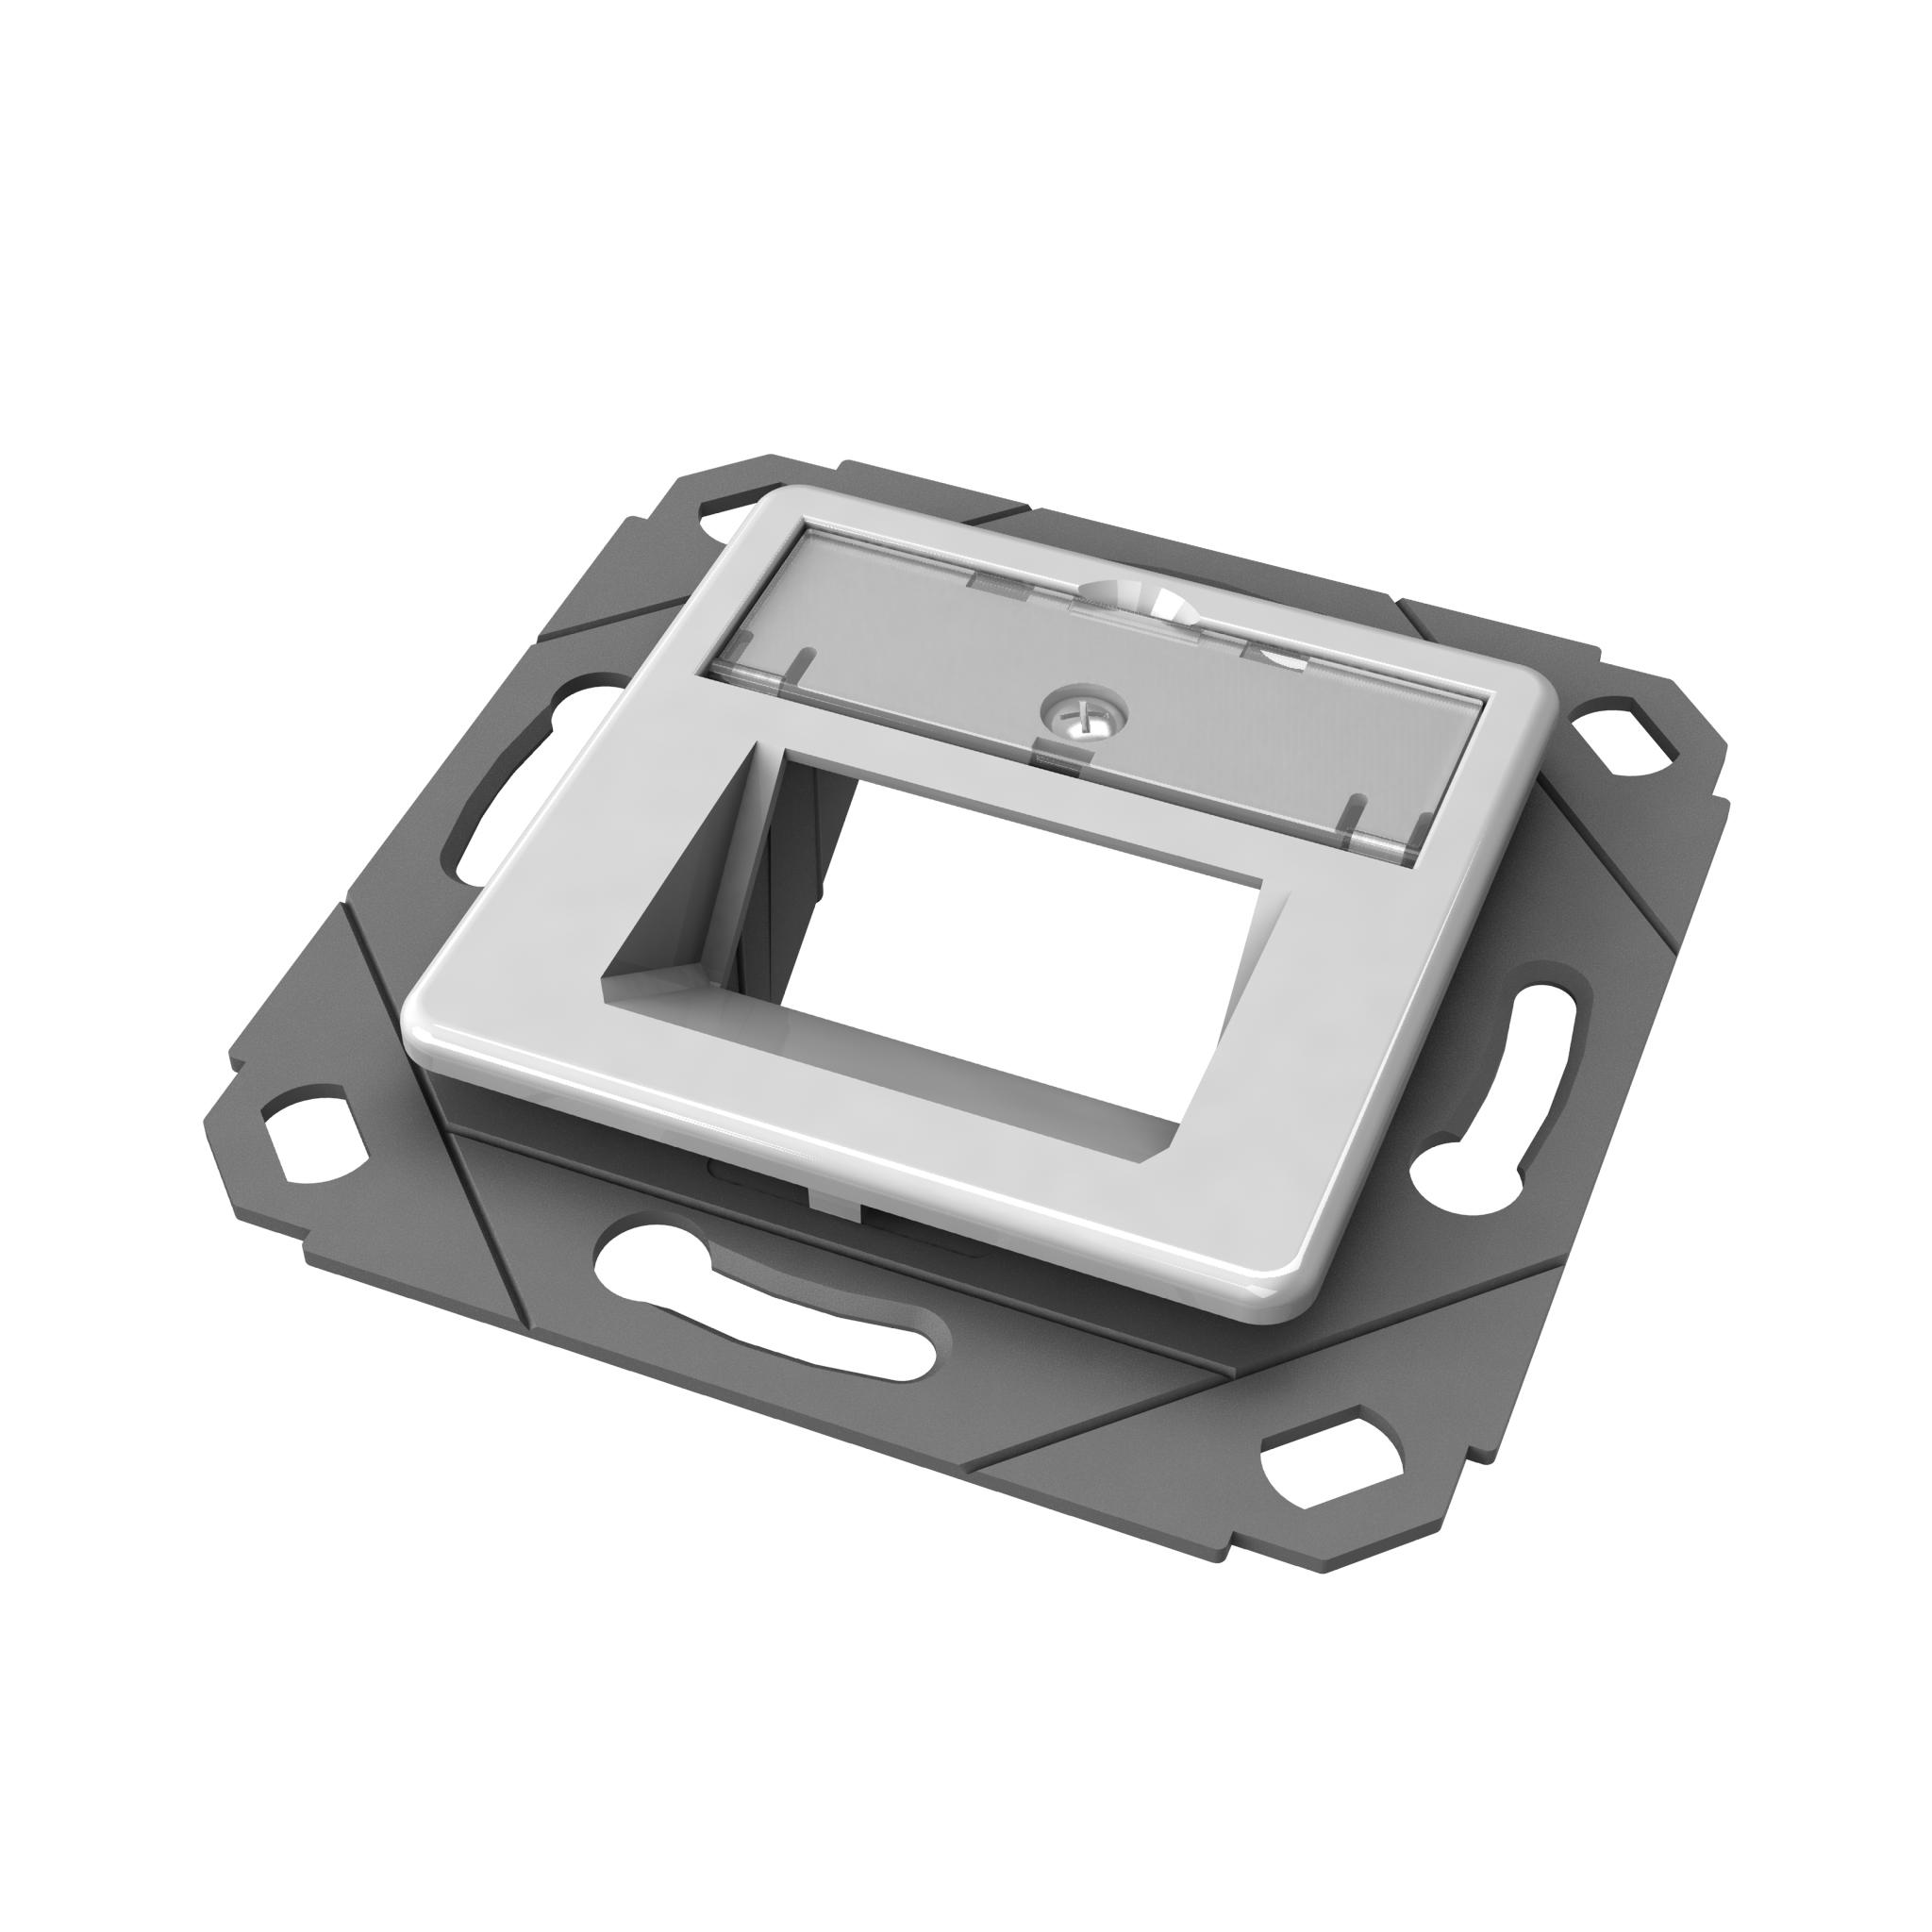 1 Stk preLink/fixLink designfähige Modulaufnahme SL 2-fach HEKFPD2WBV